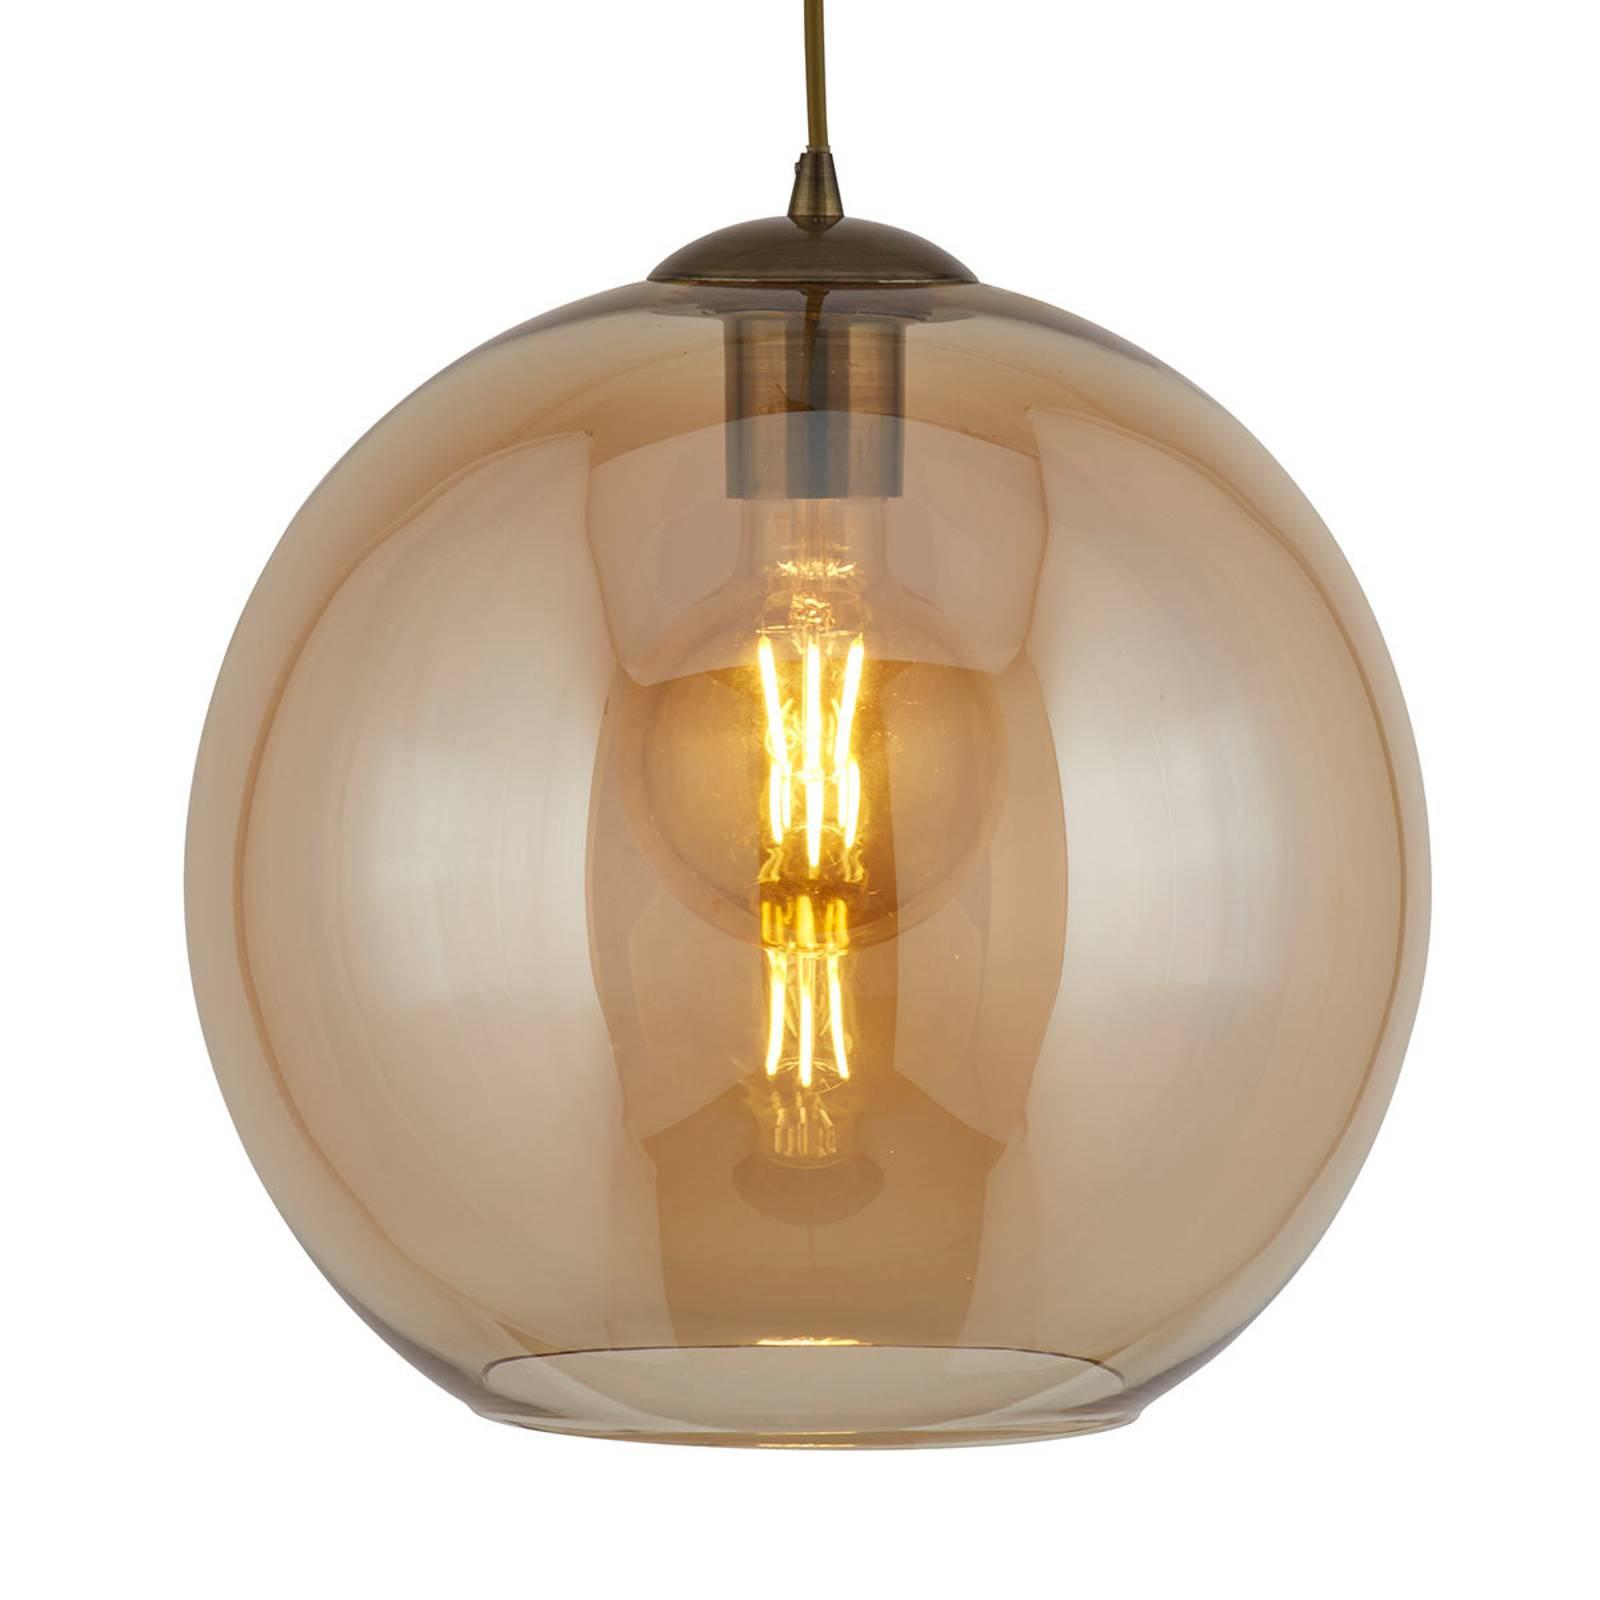 Lampa wisząca Balls z kulą kolor bursztynu 25cm